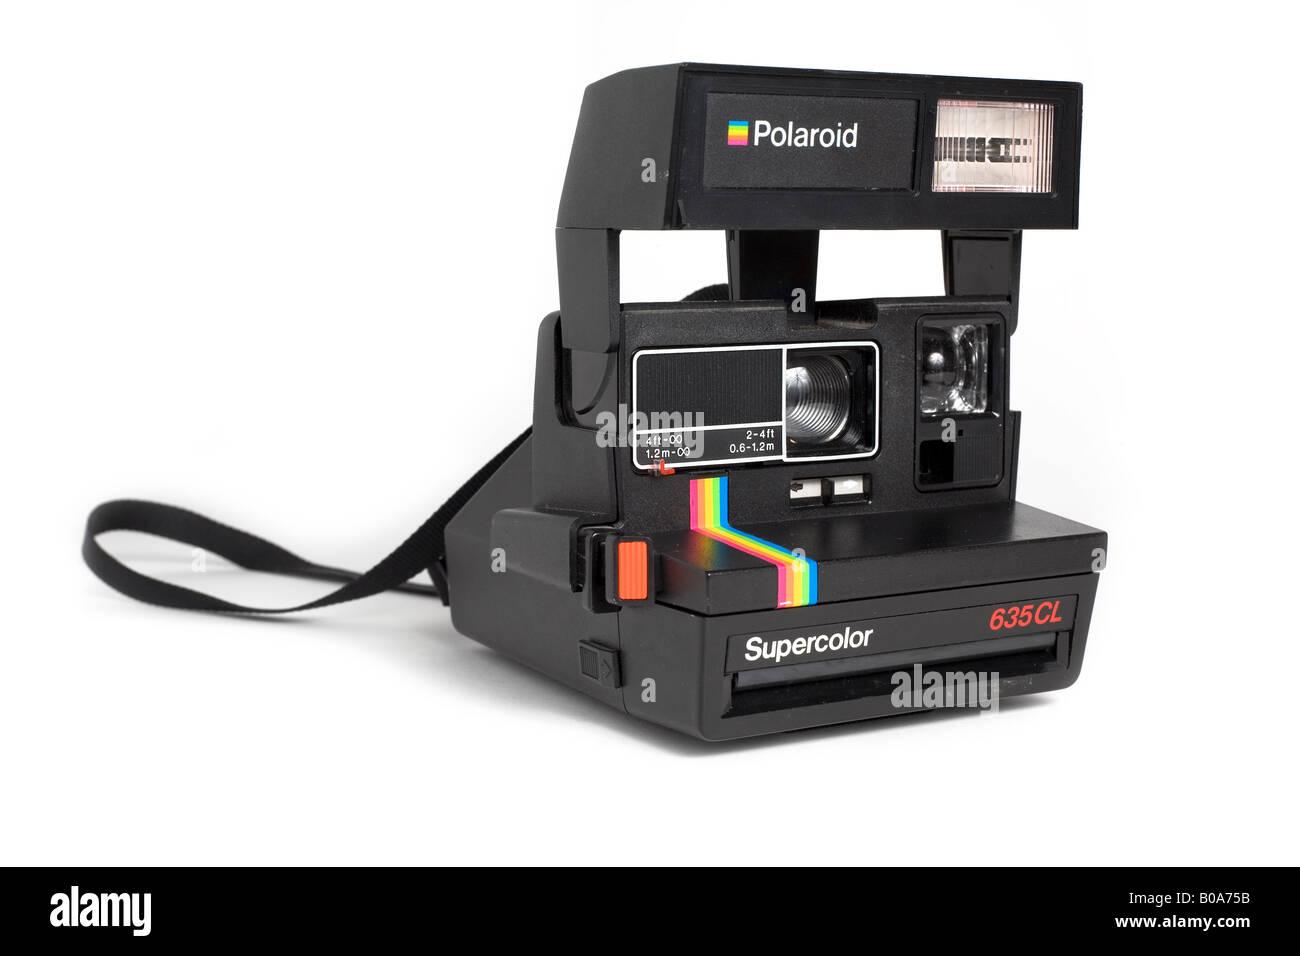 Cámara polaroid supercolor Imagen De Stock